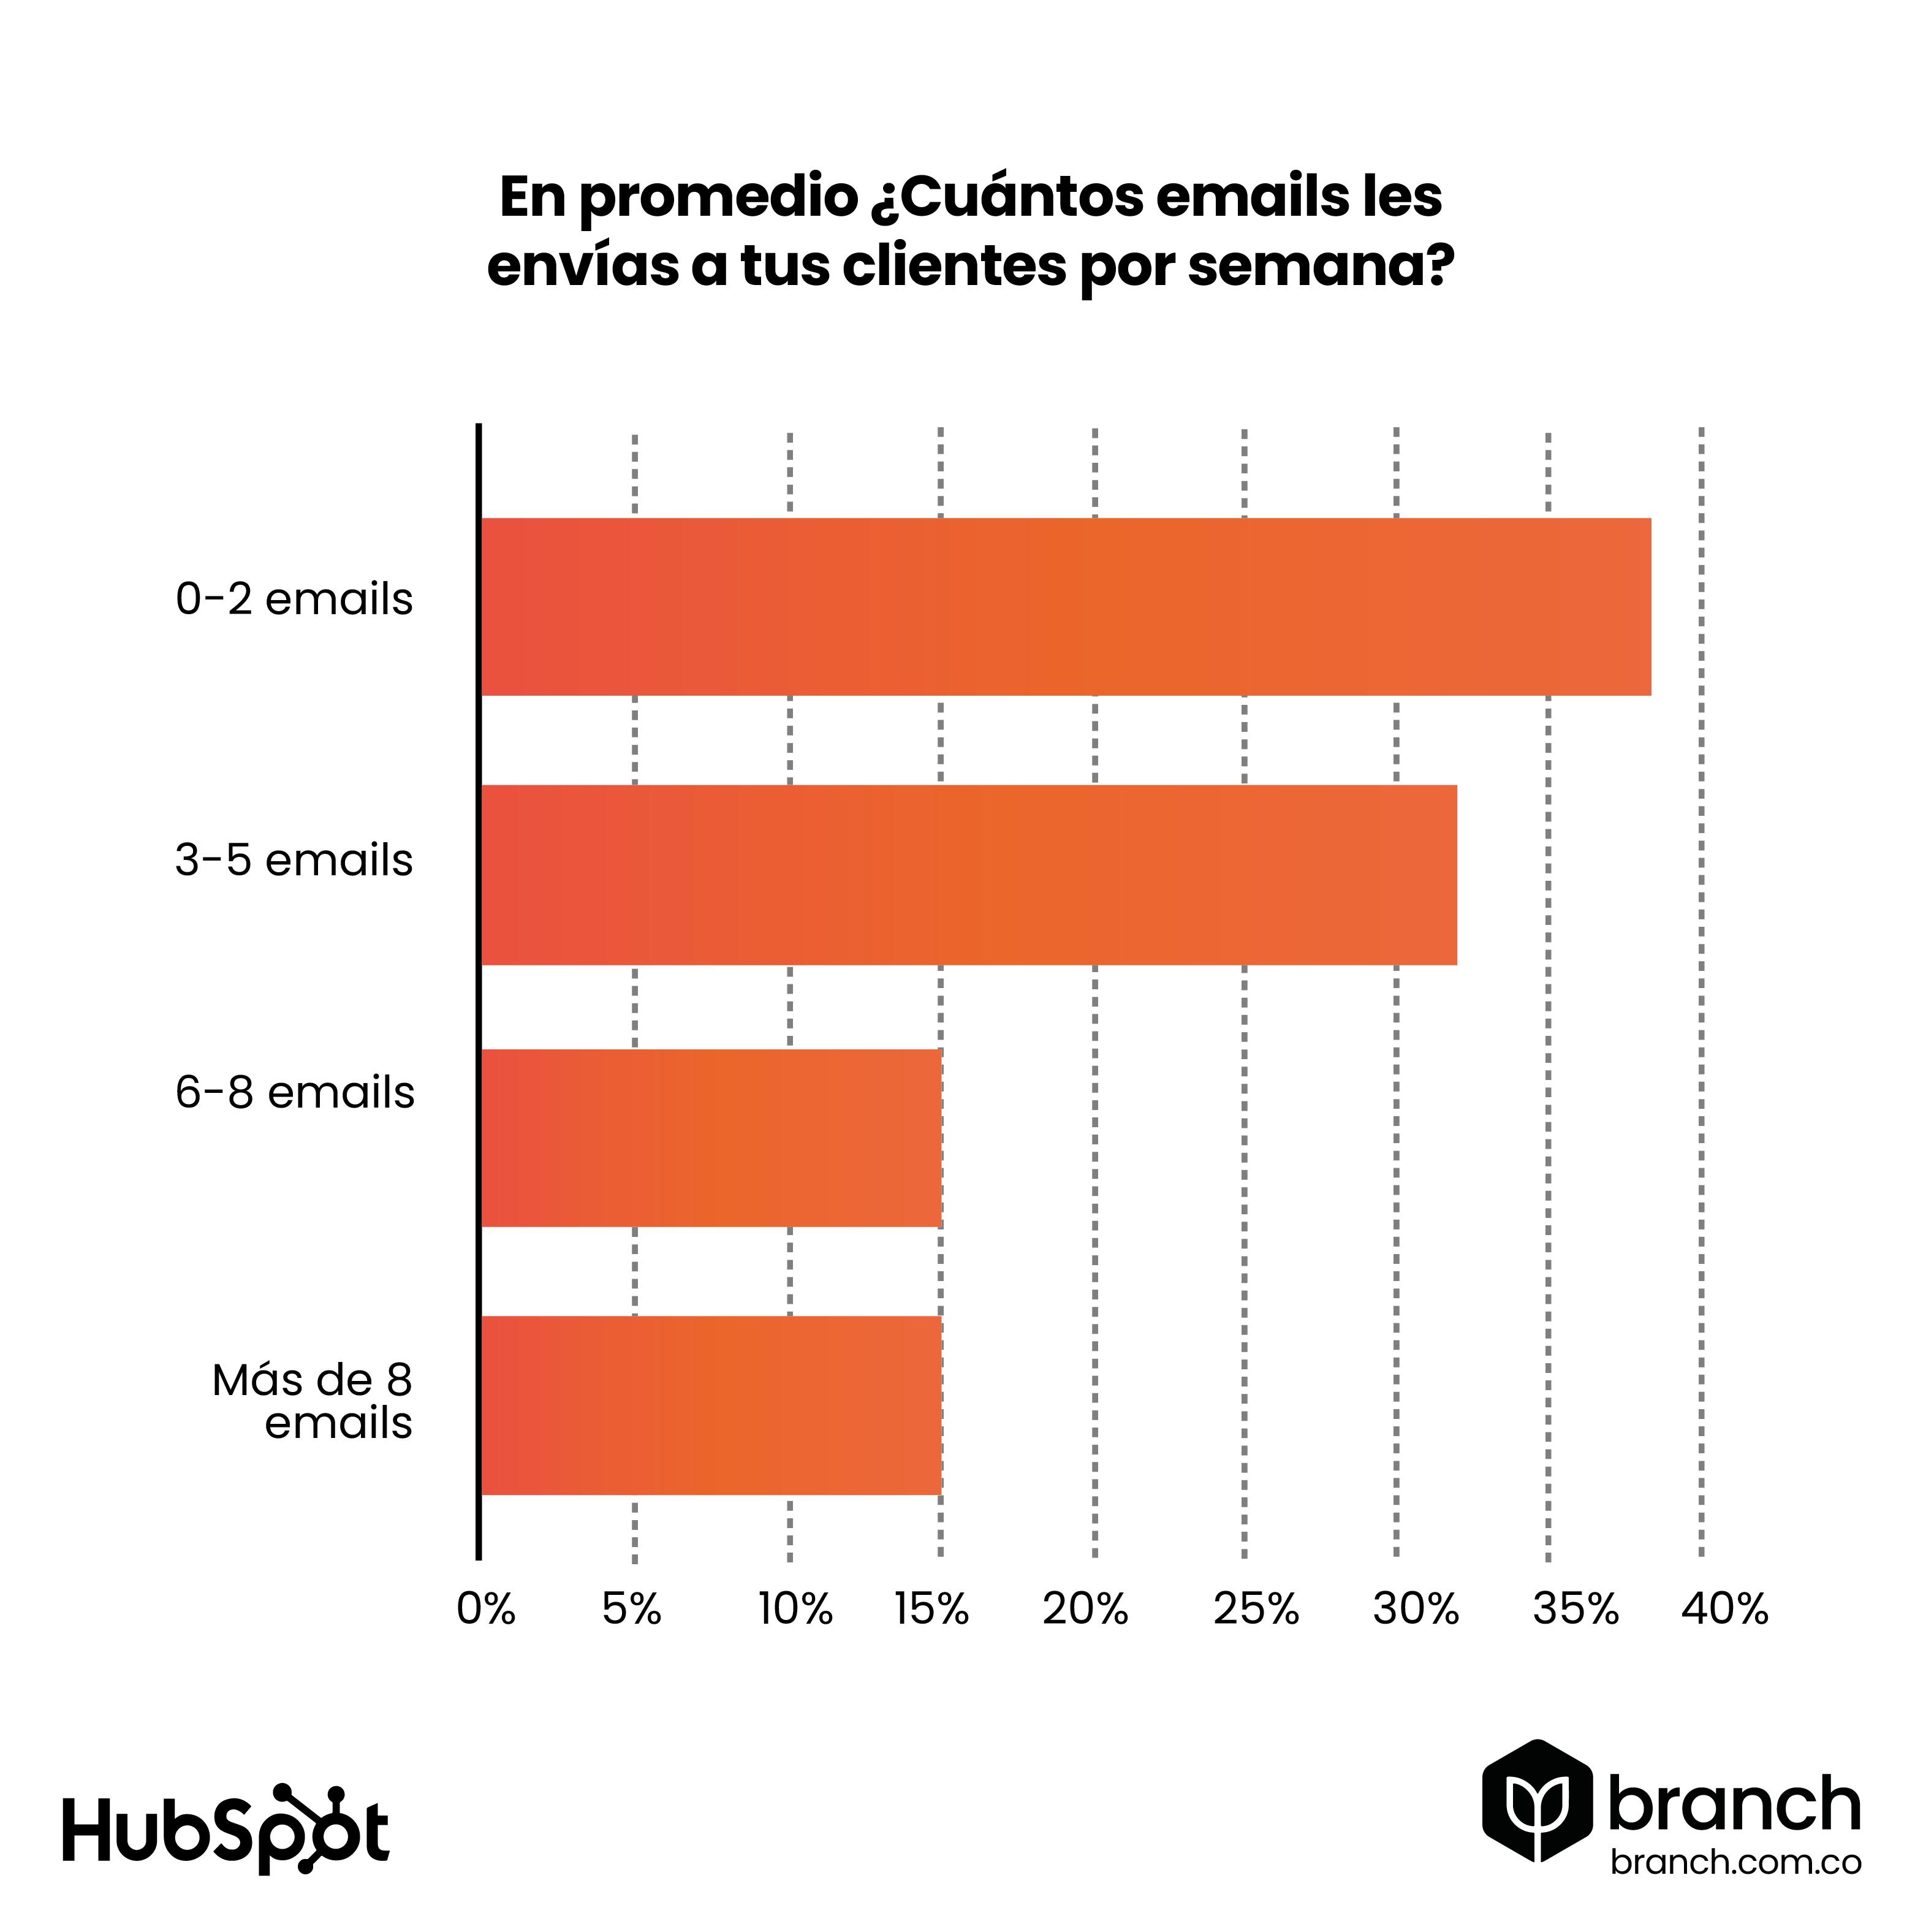 grafico-0-2-emails-son-los-que-envian-diariamente-los-profesionales-de-marketing